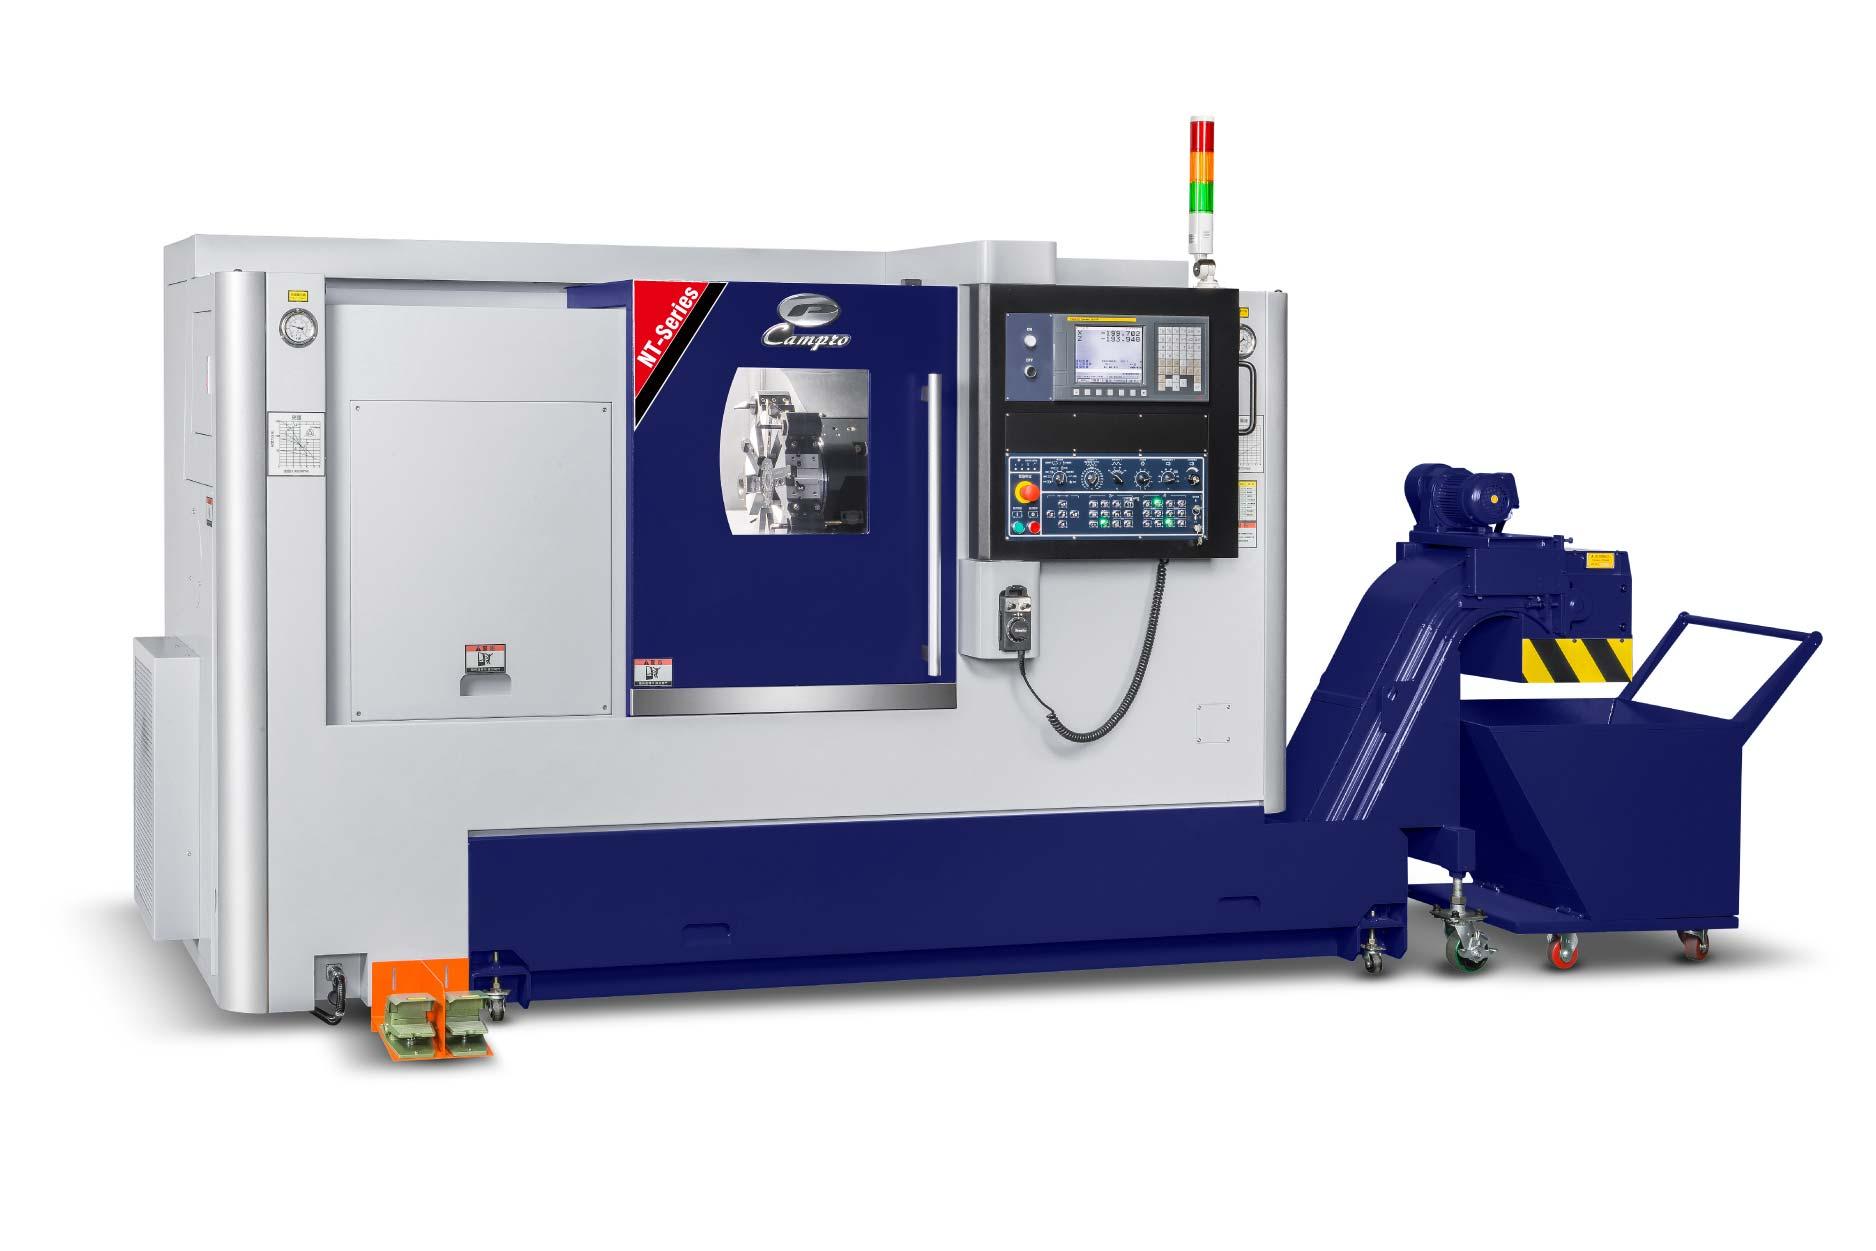 智慧化CNC車銑複合機 / 凱柏精密機械股份有限公司